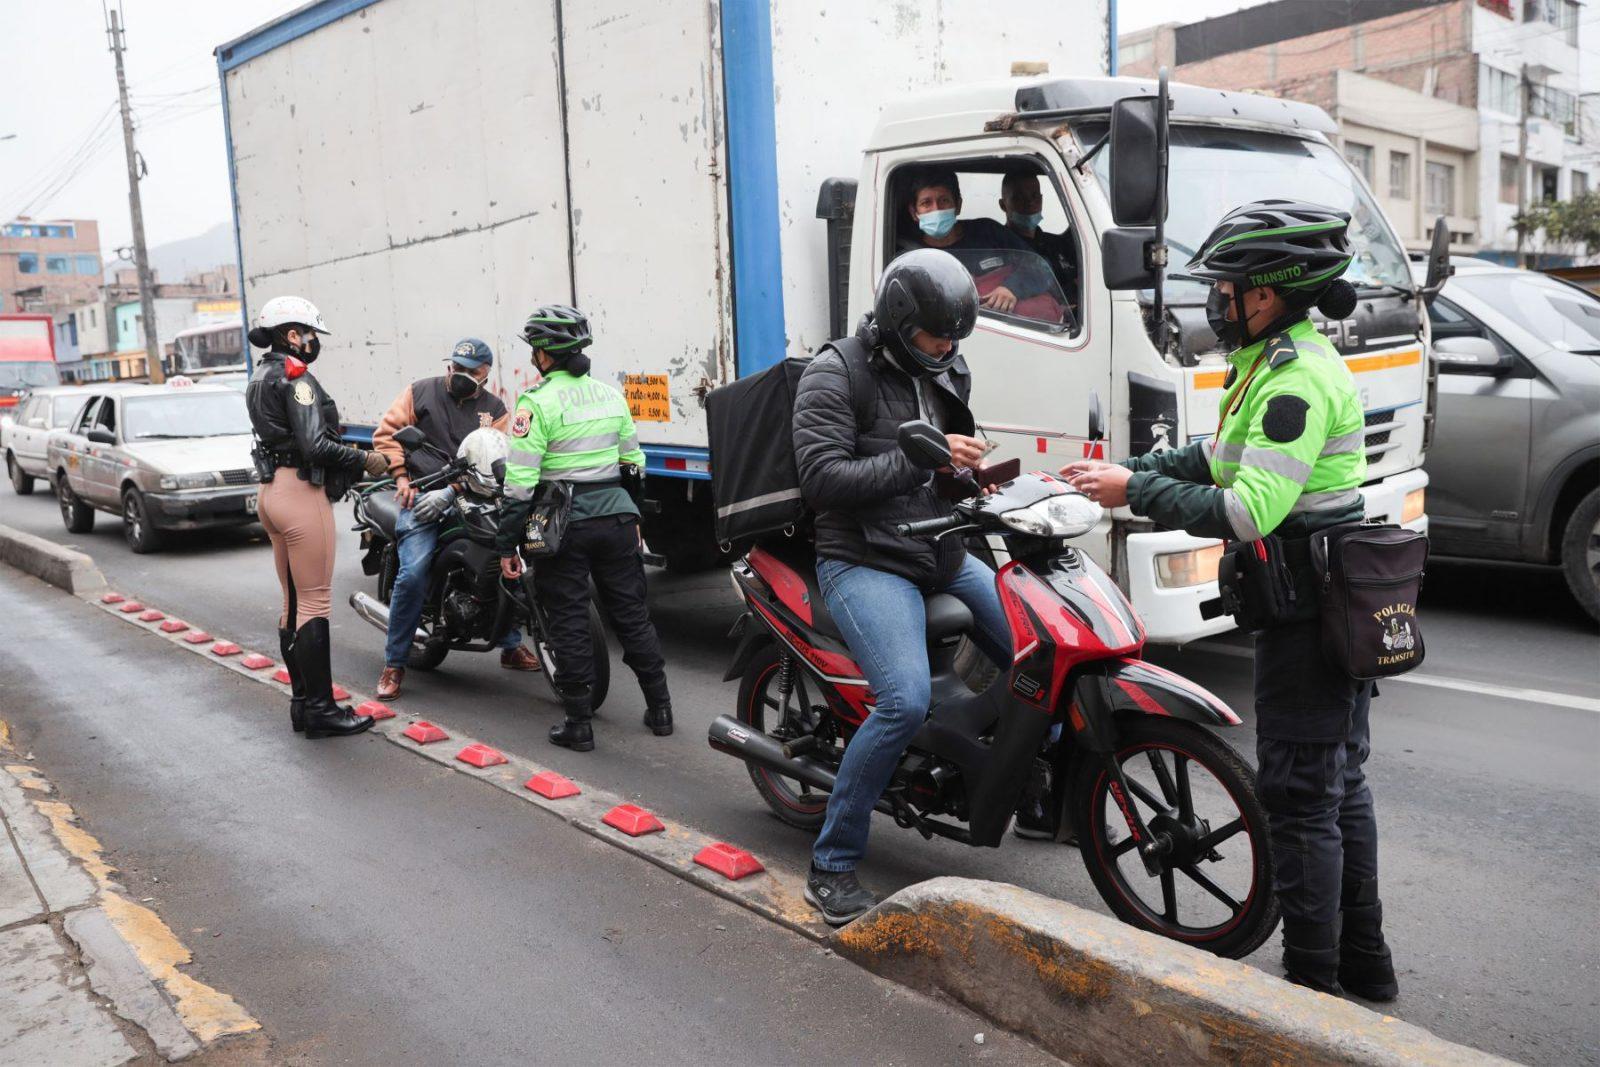 La Policía multó a más de 40 motociclistas por invadir ciclovía